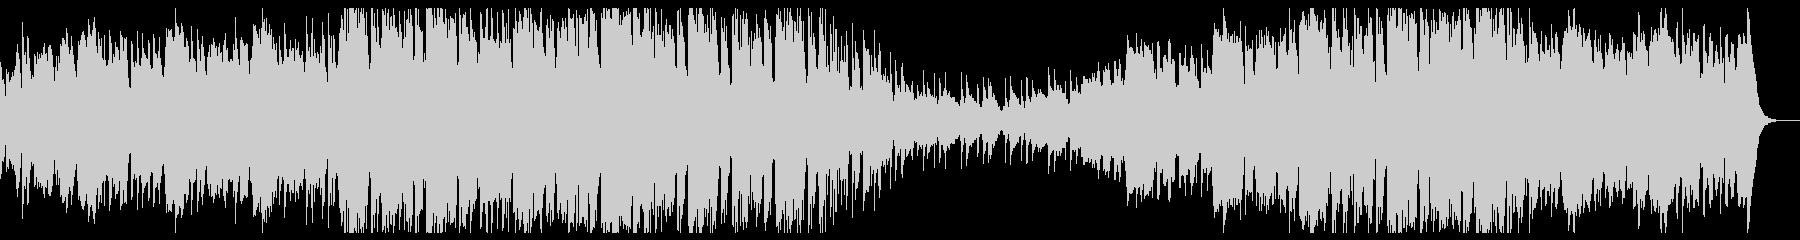 煌びやかな音色でゆったりテンポ感のBGMの未再生の波形